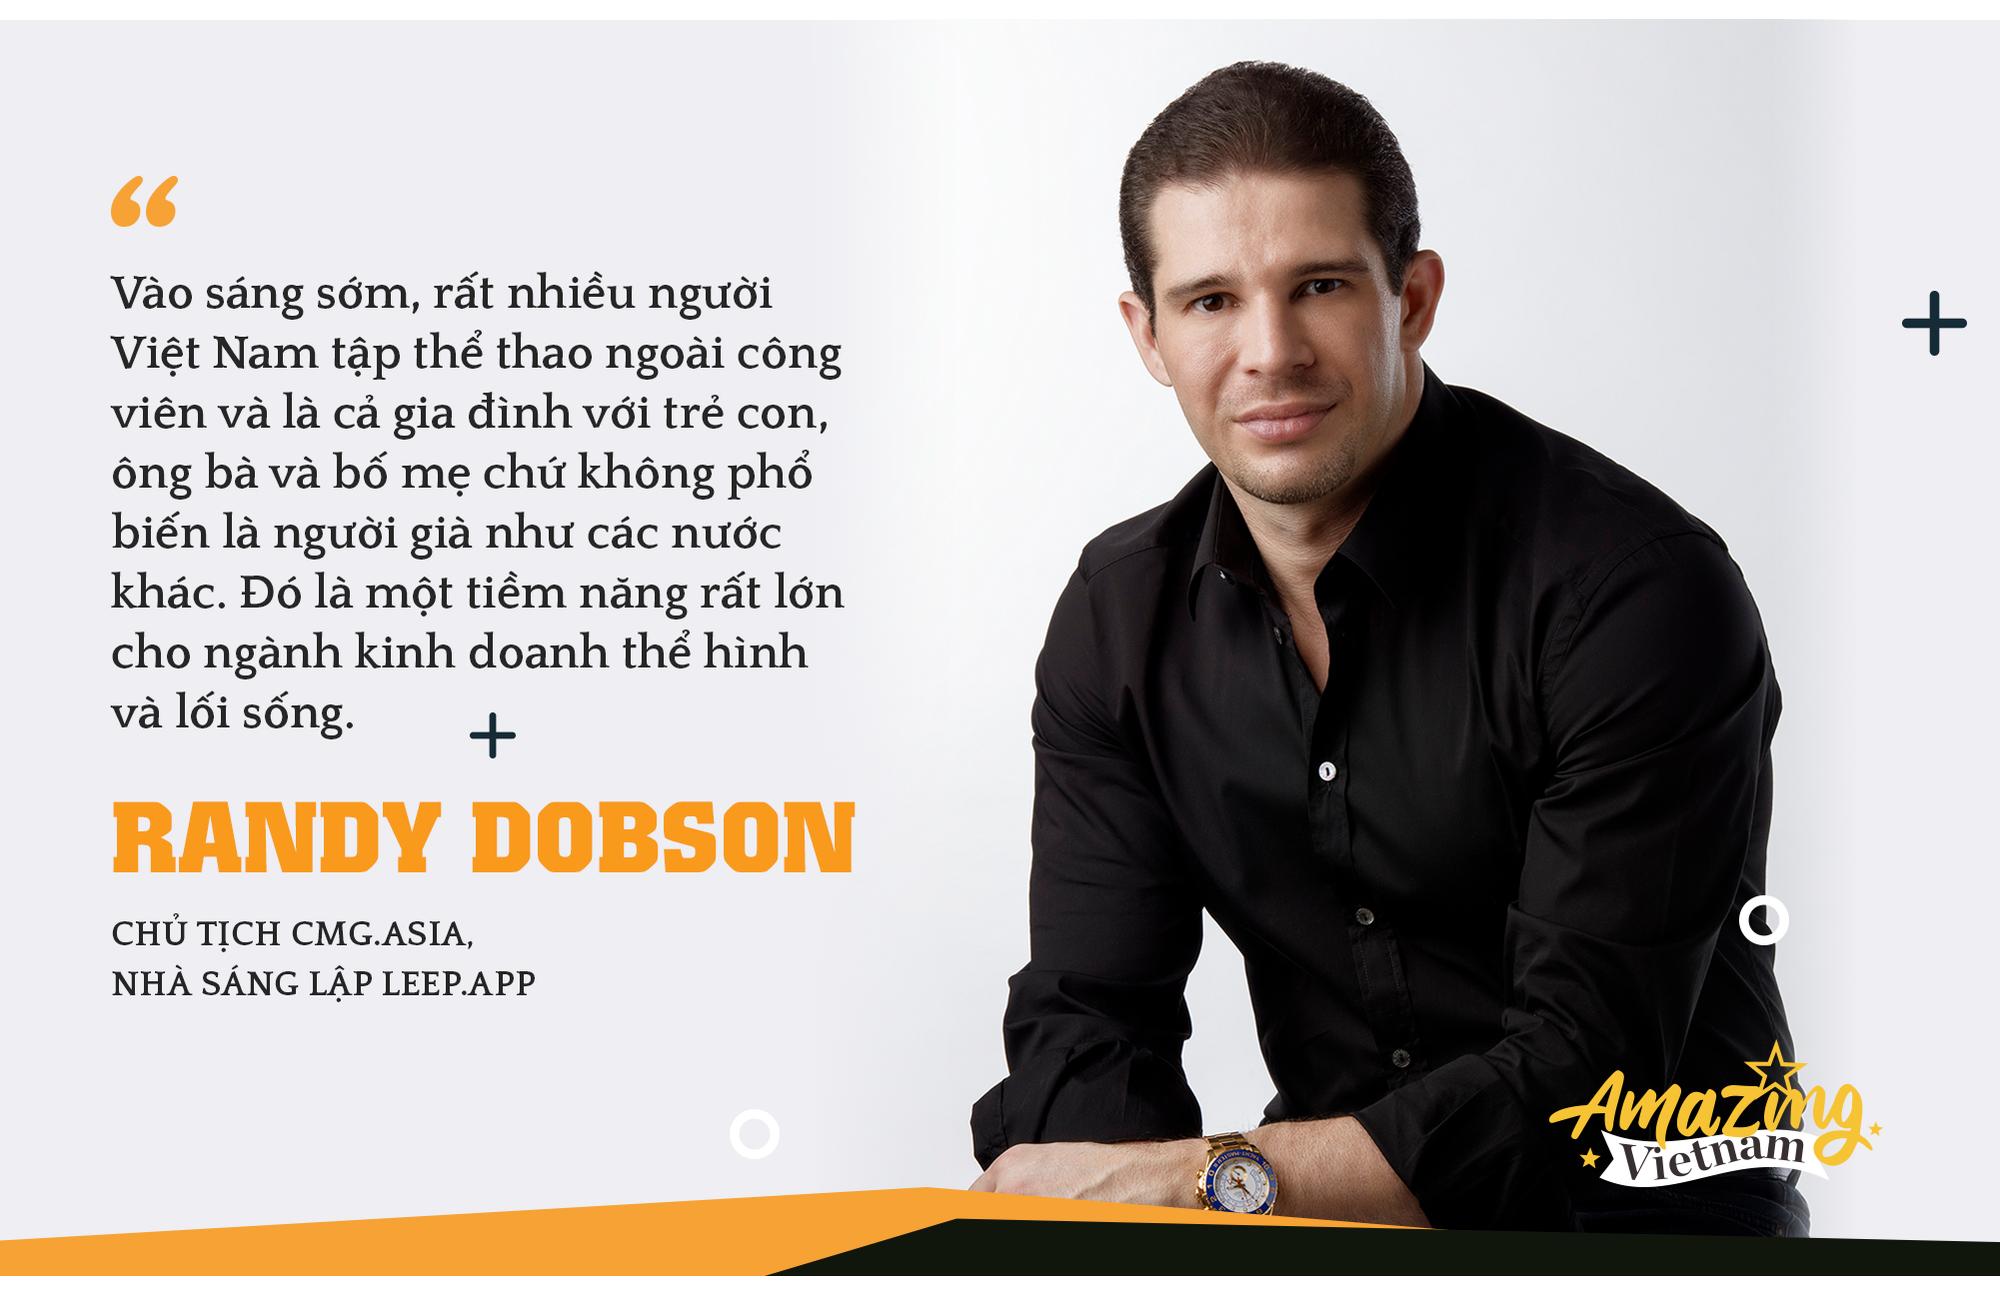 Chủ tịch CMG.ASIA Randy Dobson: Việt Nam là một thị trường tuyệt vời, nhưng cũng rất phức tạp! - Ảnh 4.